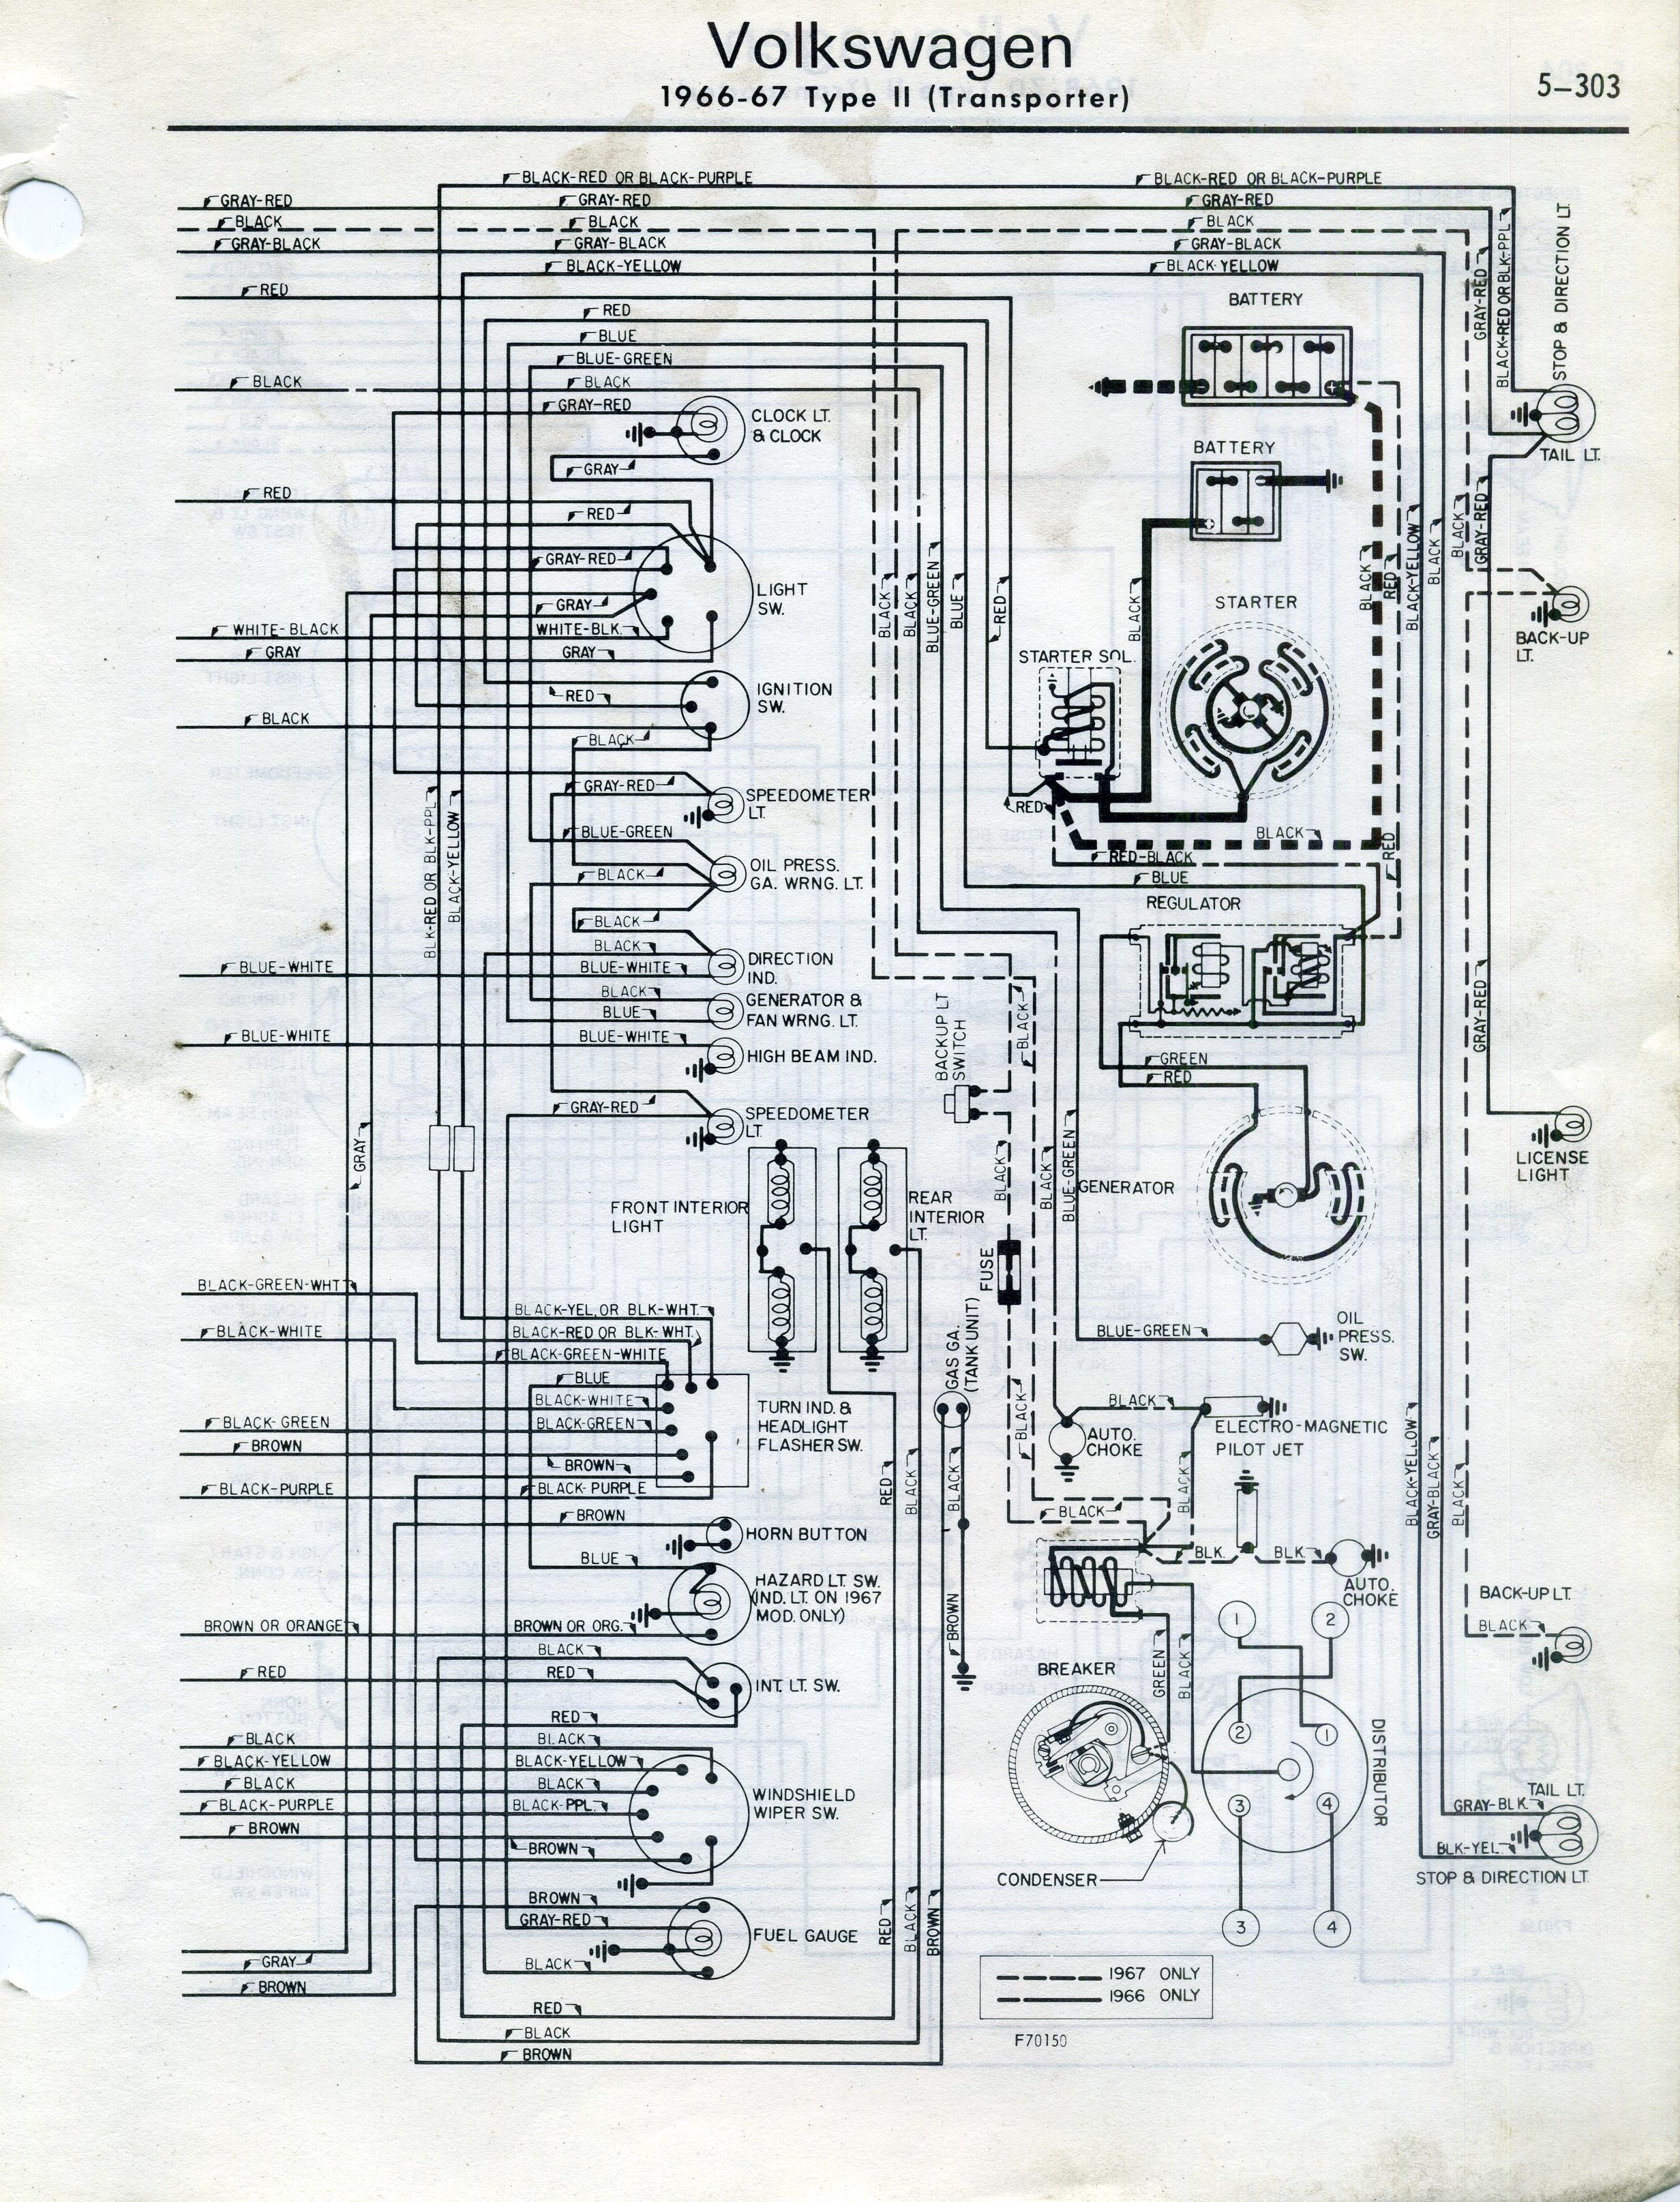 lathe victor 2040 wiring schematic wiring diagram  lathe victor 2040 wiring schematic #15